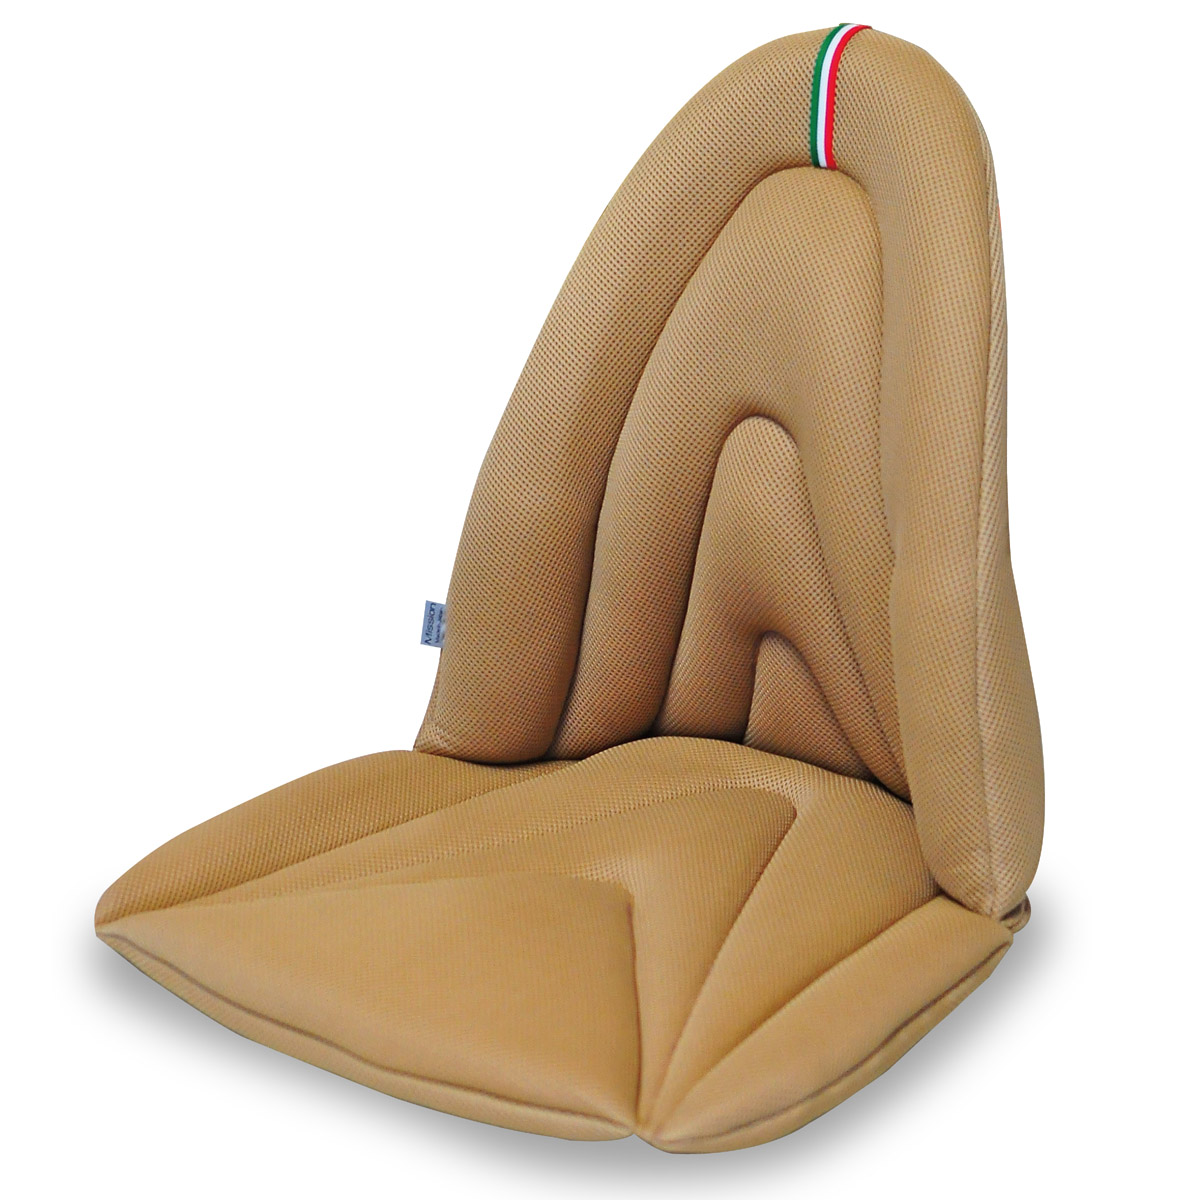 【ふるさと納税】マルチユースクッション Jim-Drive4 E-Line(ジムドライブ4 イーライン)シートクッション カー用品 自動車 日用品